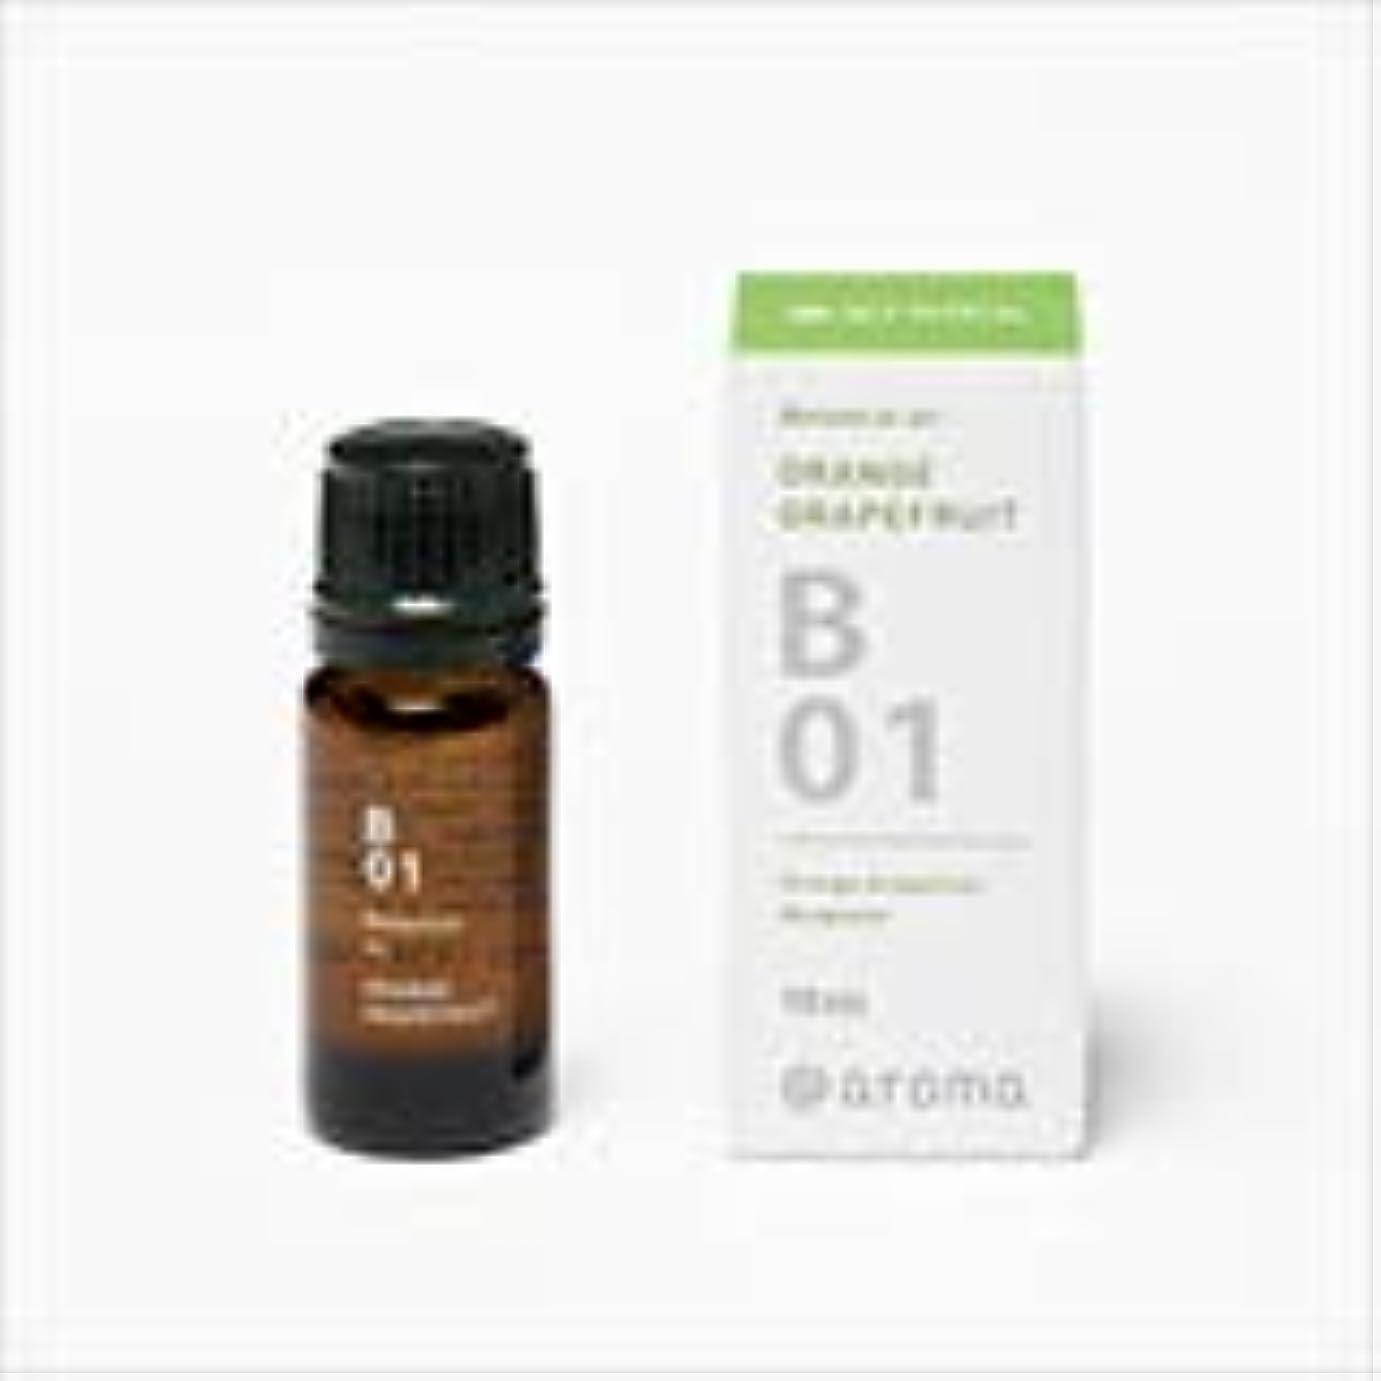 擁するパーフェルビッドアパートアットアロマ 100%pure essential oil <Botanical air ジュニパーシダー>